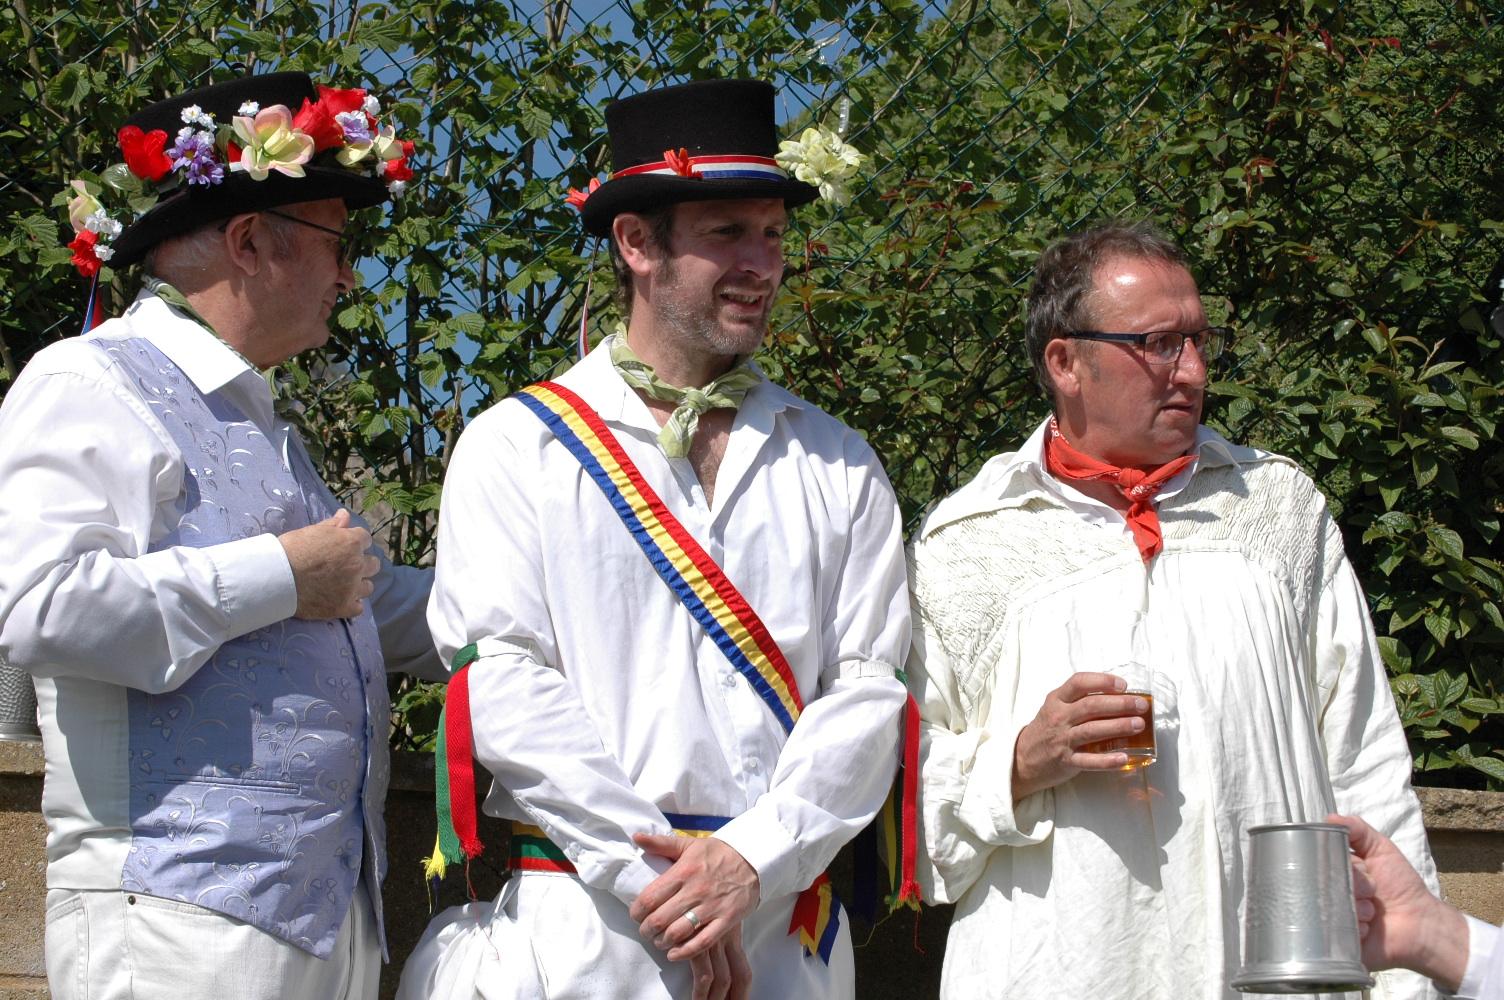 Mister Hemmings Traditional Abingdon Morris Dancers